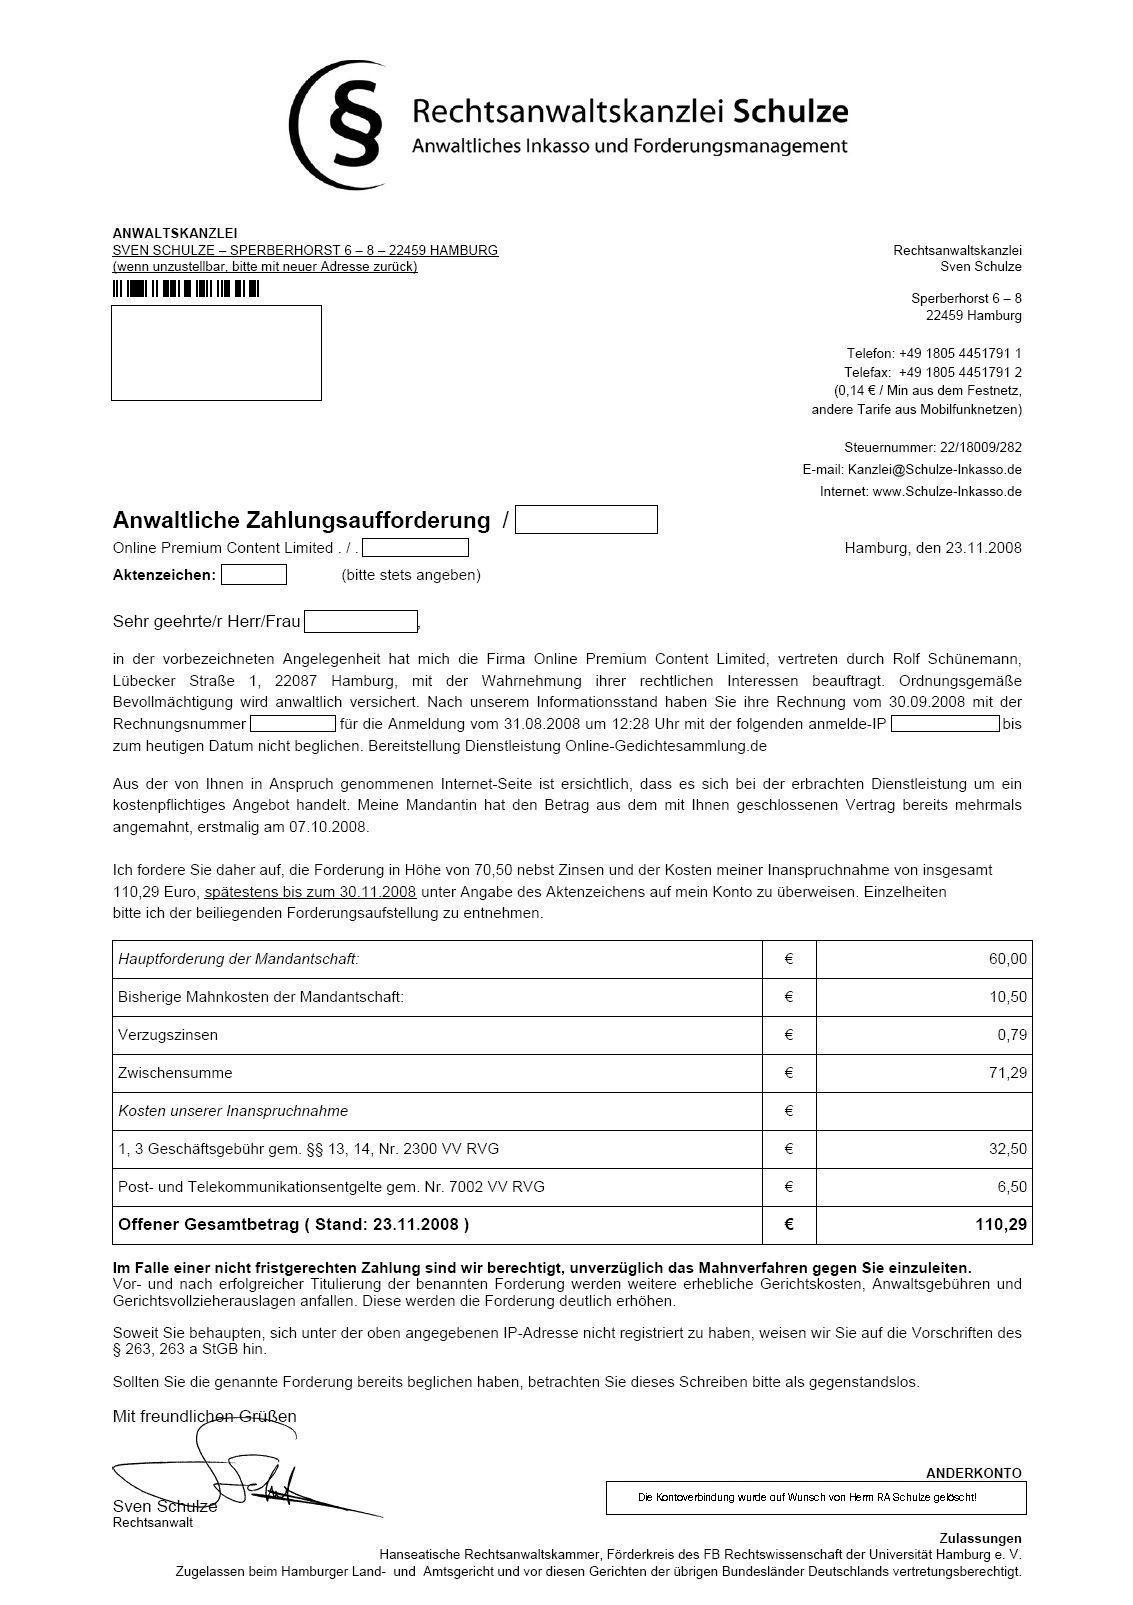 Abzocknewsblogspotcom Der Automatische Anwaltbeantworter Für Das